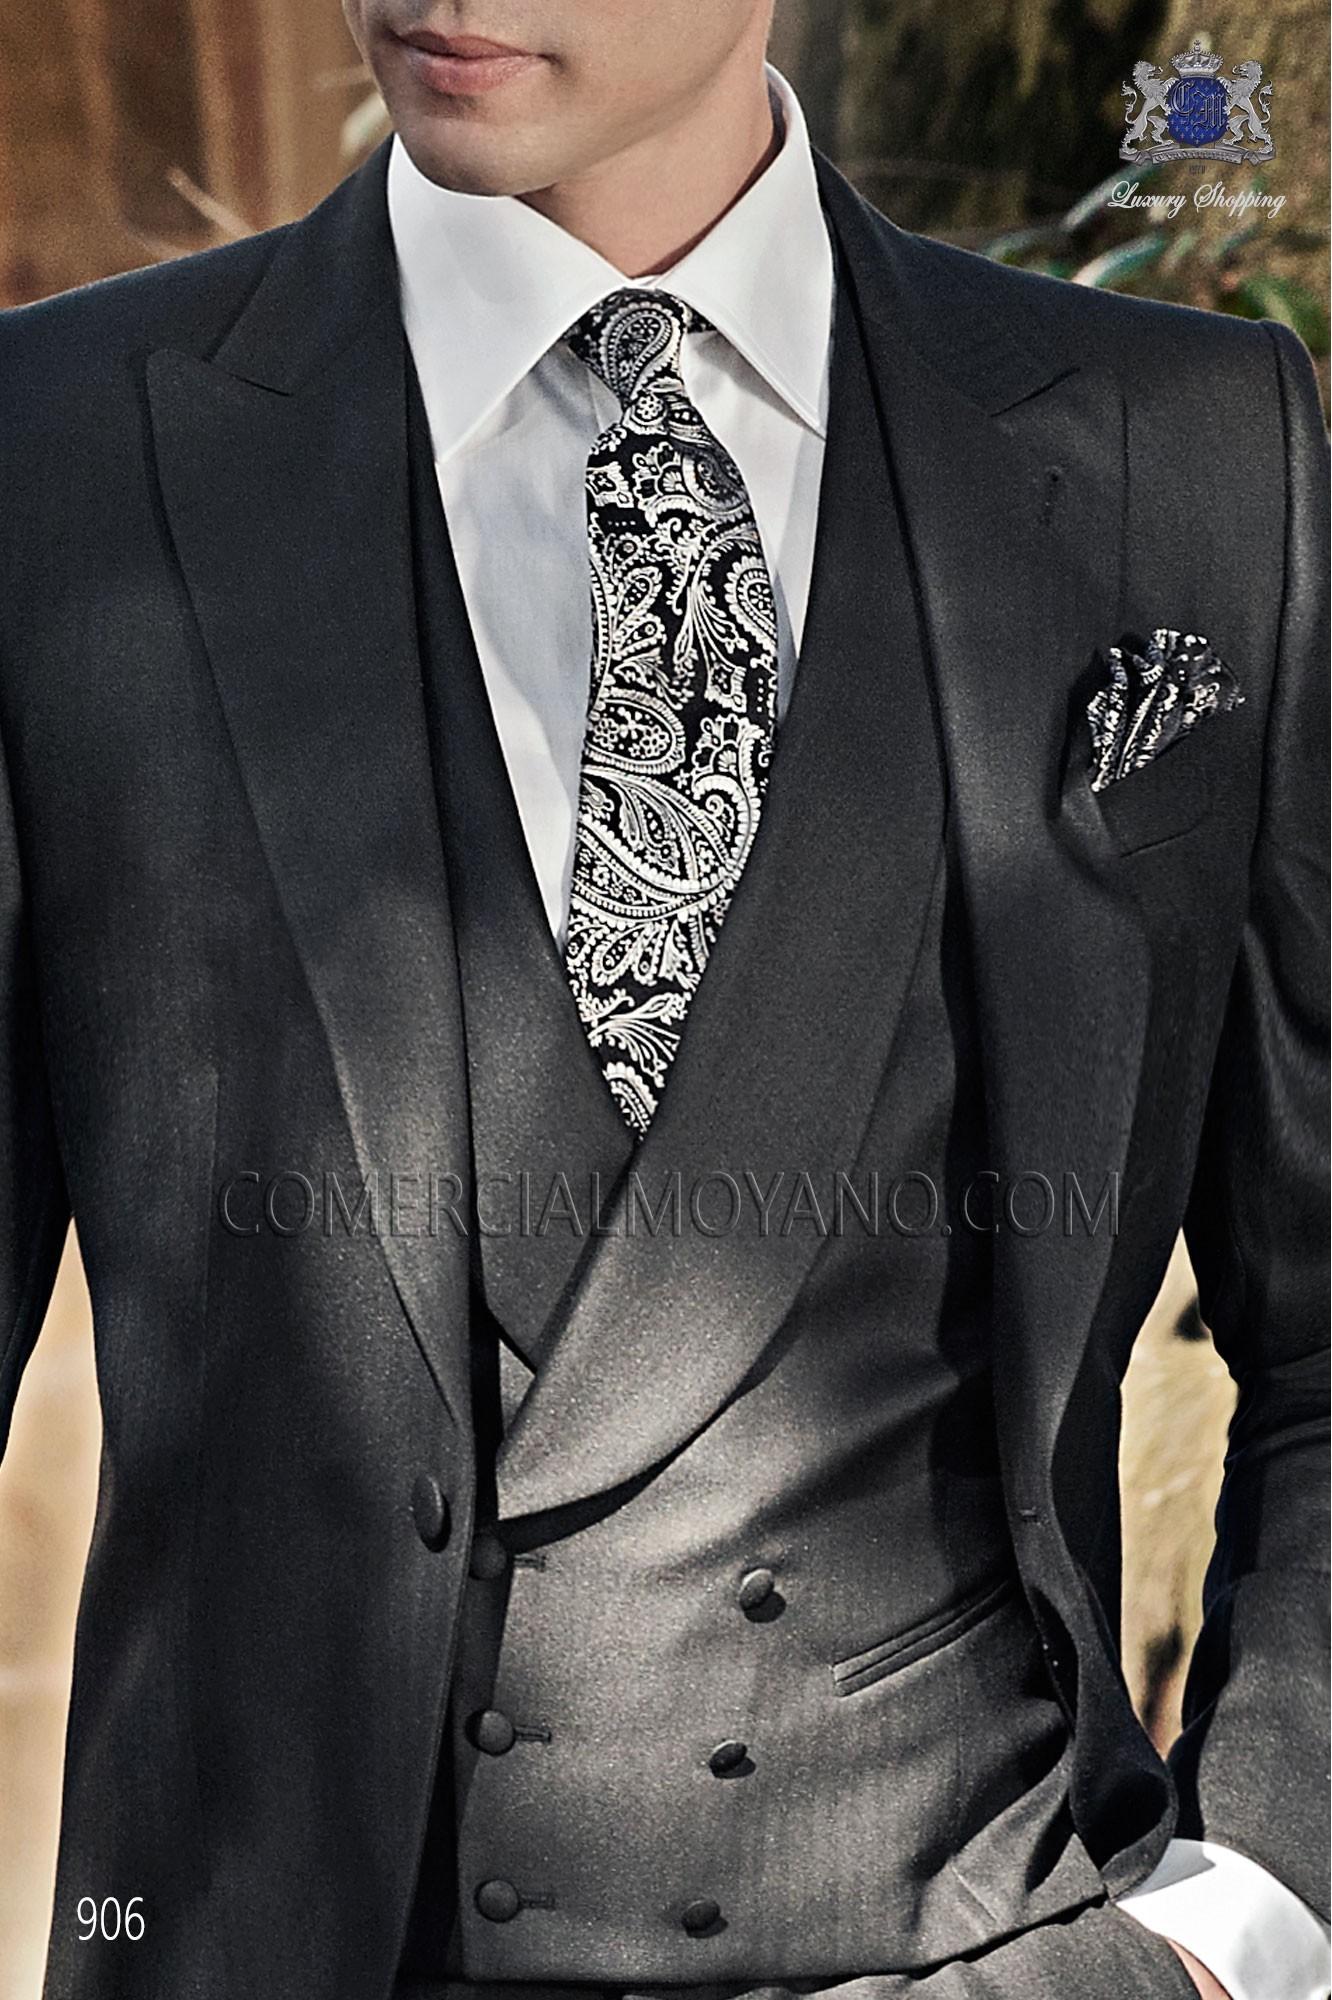 Traje Gentleman de novio negro modelo: 906 Ottavio Nuccio Gala colección Gentleman